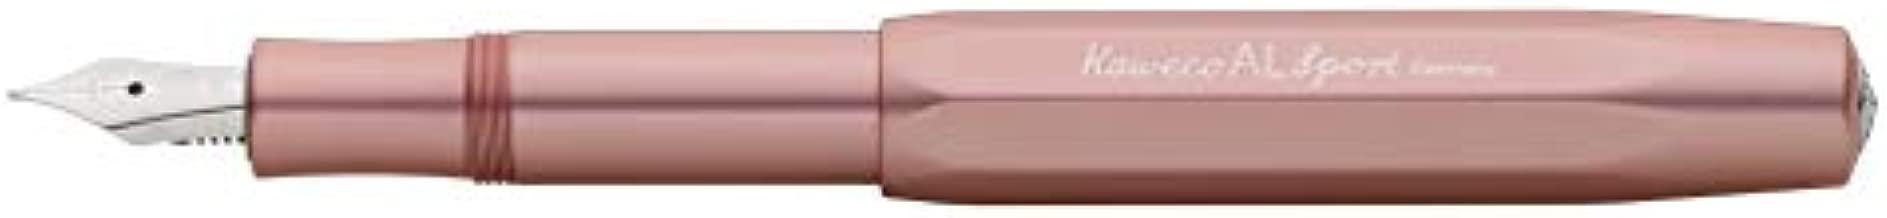 Kaweco AL Sport Fountain Pen Rose Gold Medium Nib